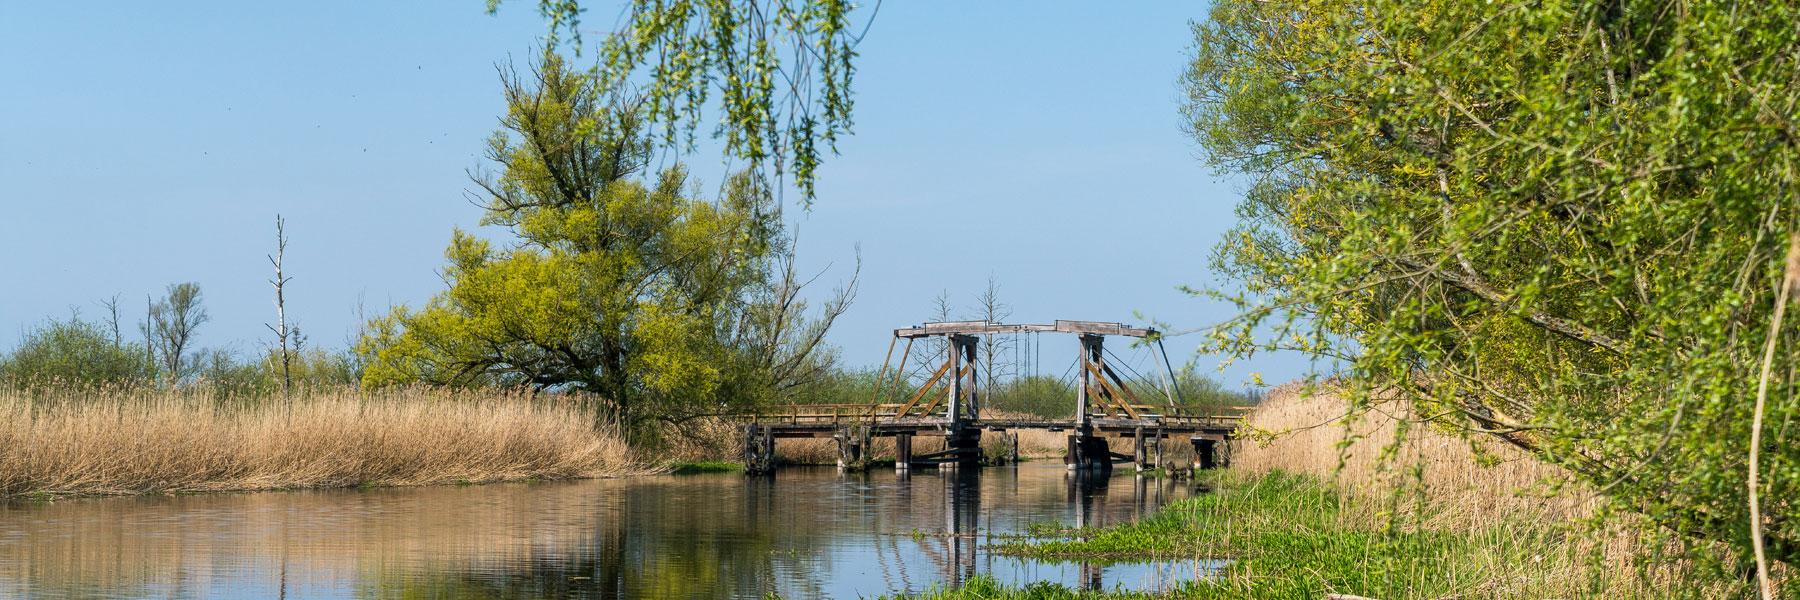 Klappbrücke Nehringen - Ferienwohnung Willi Werner